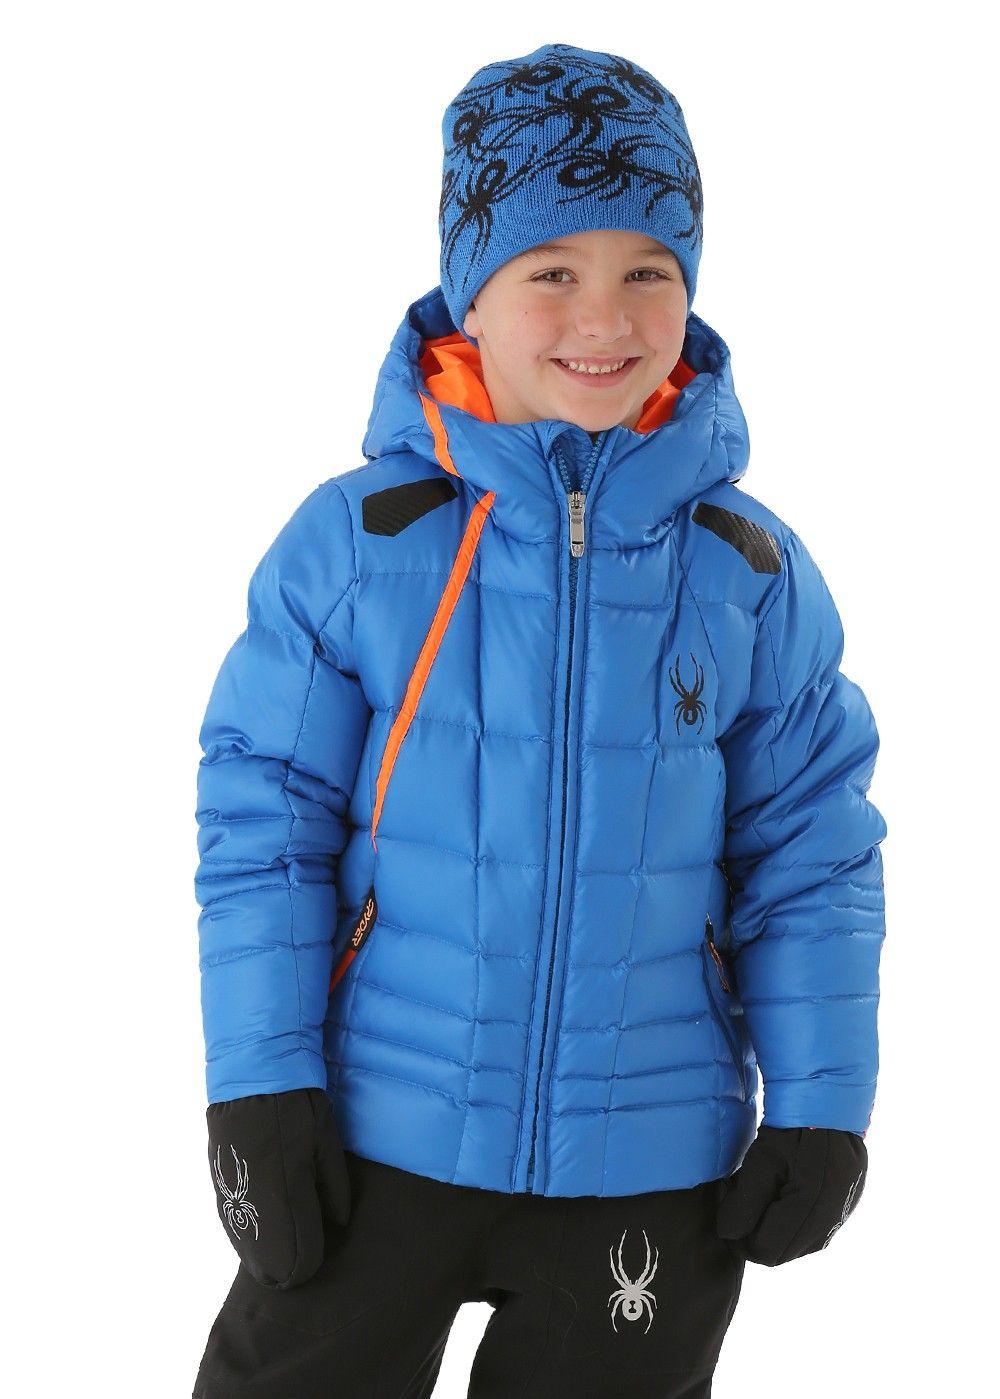 Pin By Huber Gomez On Ninos Kids Jacket Toddler Coat Kids Wear [ 1399 x 1000 Pixel ]